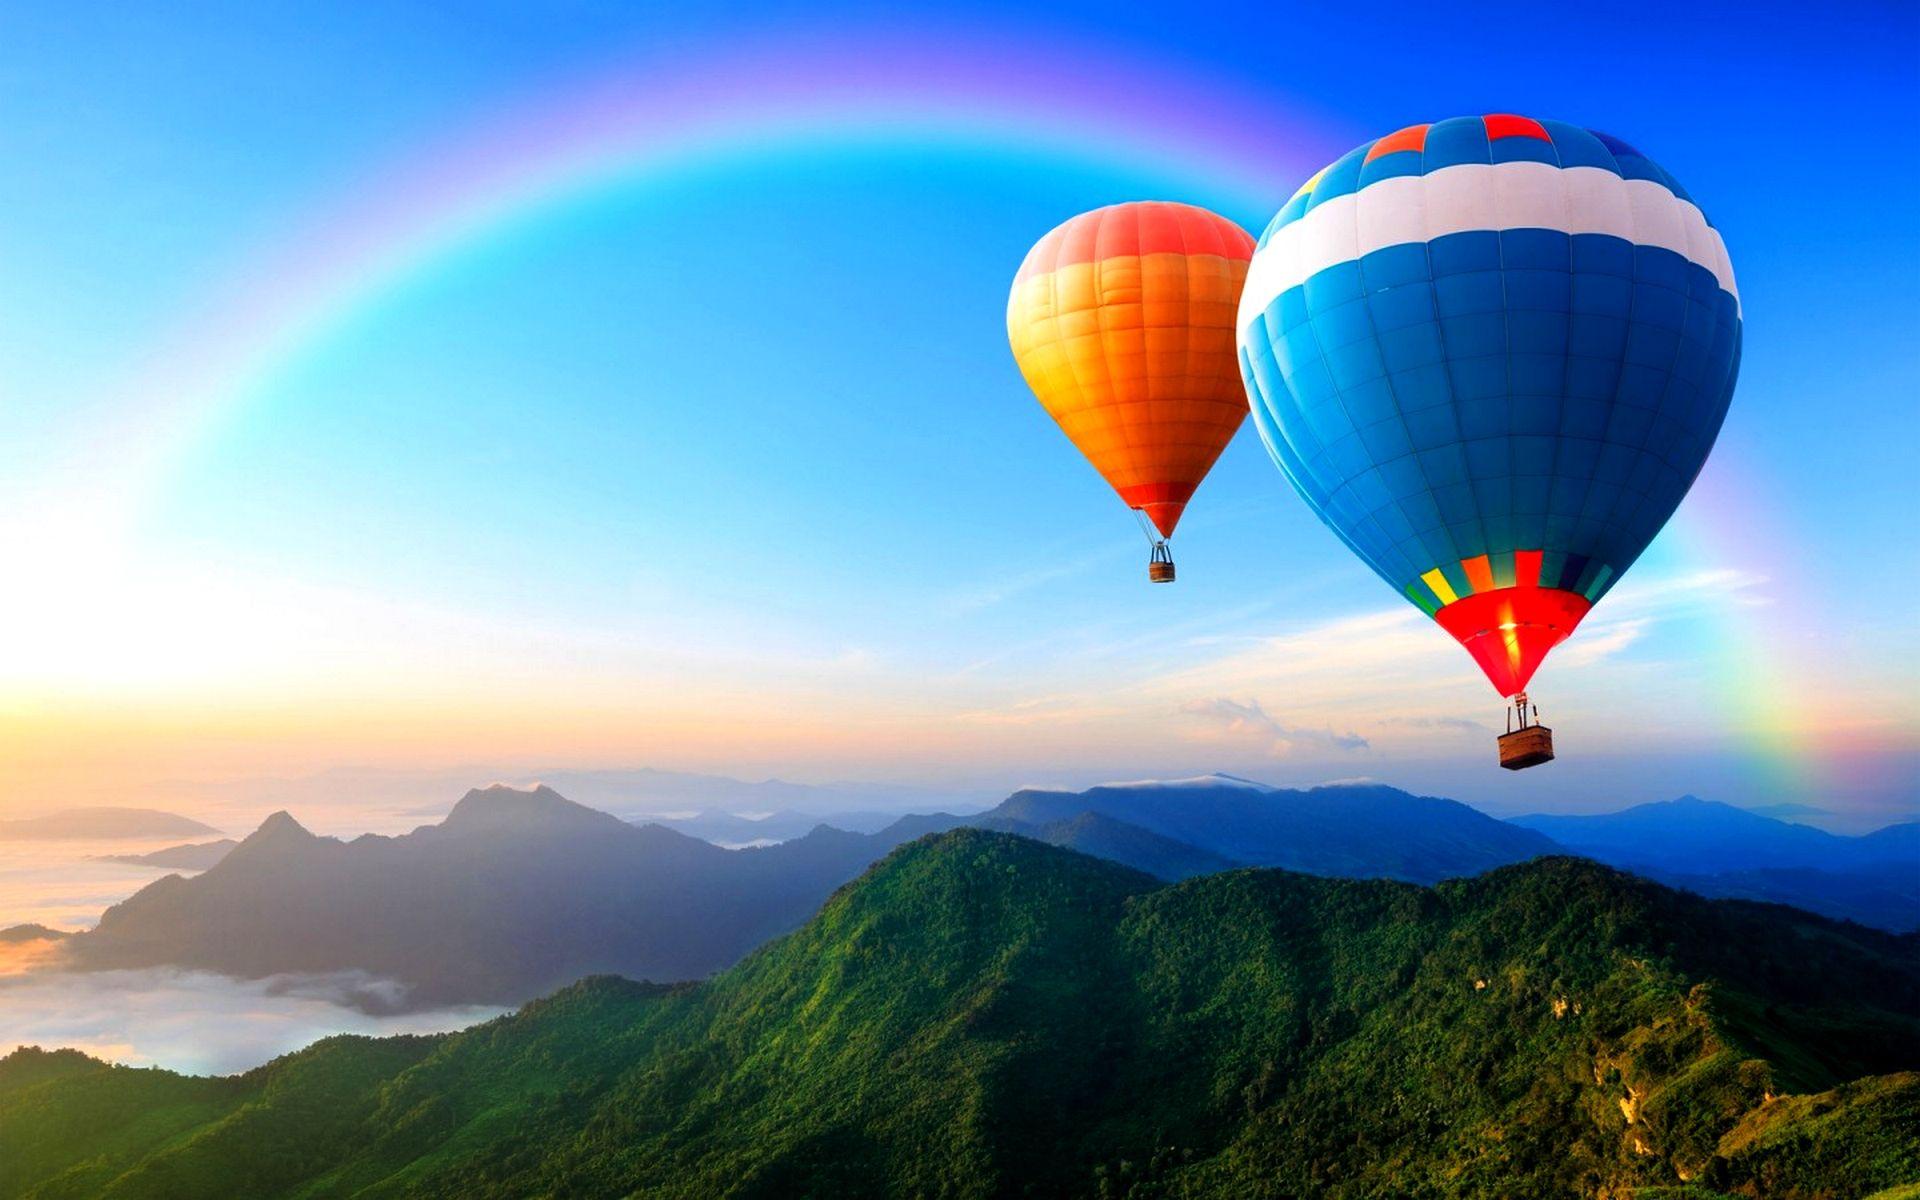 Hot Air Balloon Hd Wallpaper 1920x1200 84357 Air Balloon Hot Air Hot Air Balloon Wallpaper colorful hot air balloon blue